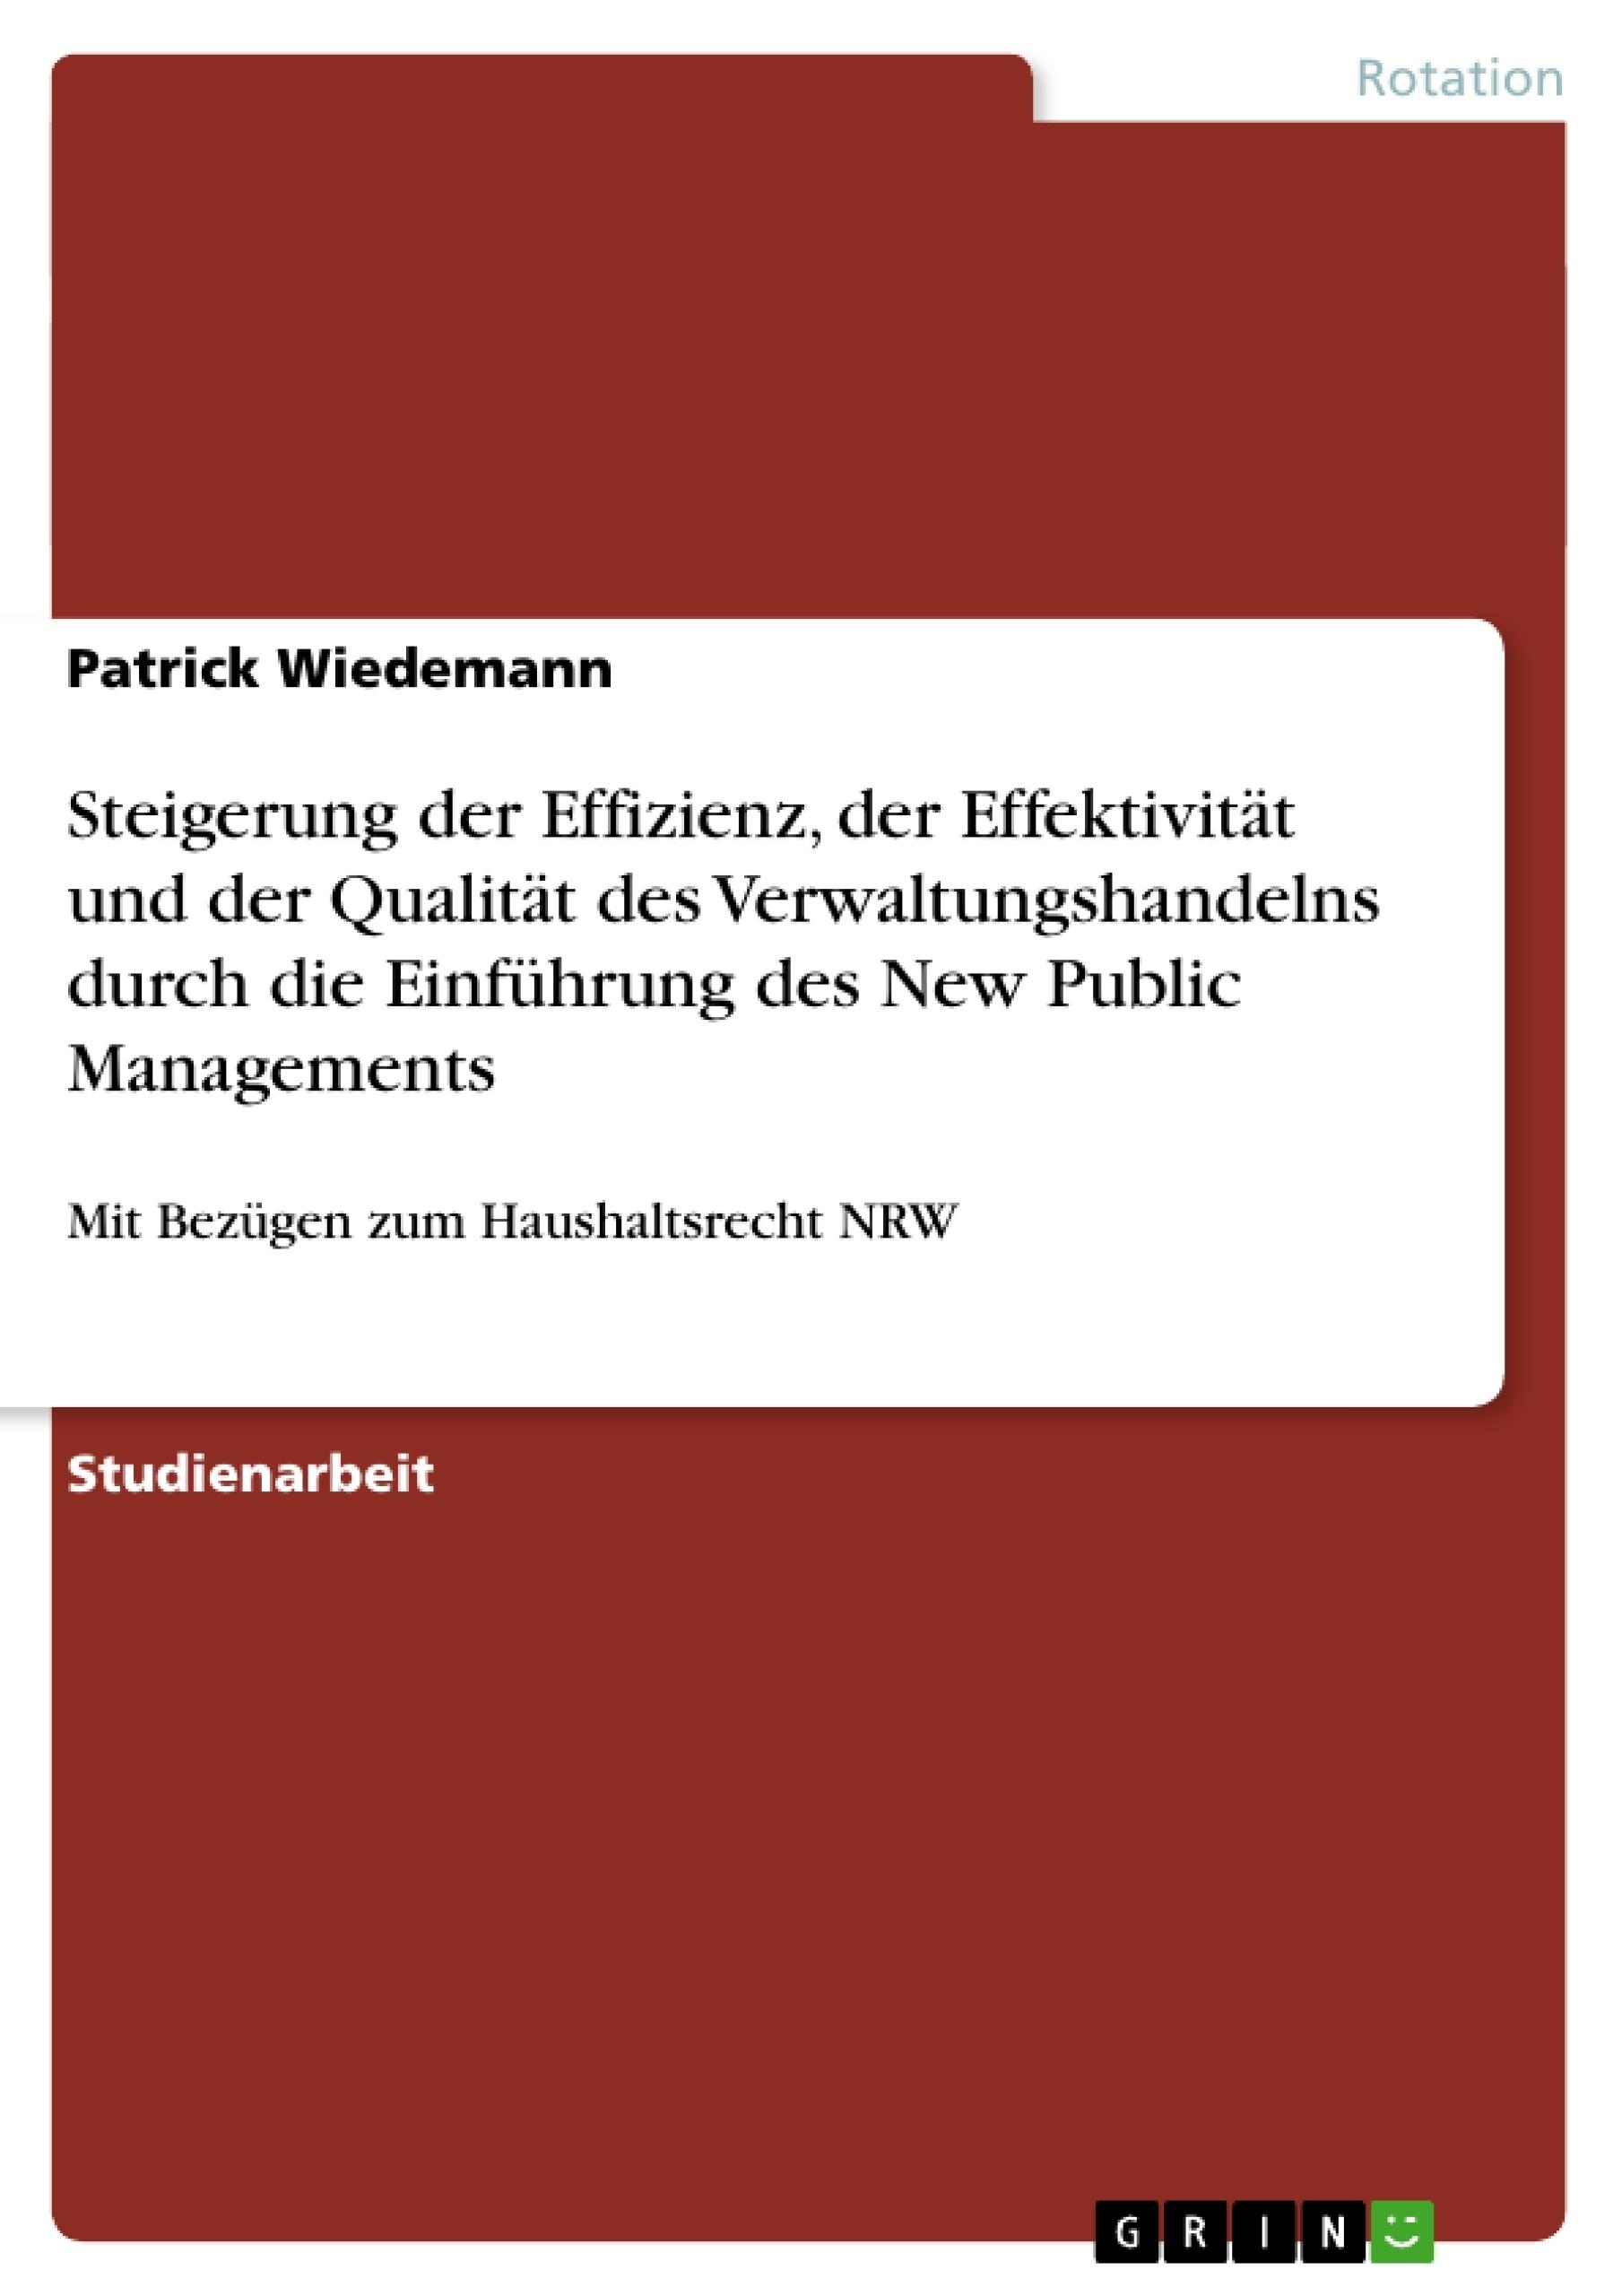 Titel: Steigerung der Effizienz, der Effektivität und der Qualität des Verwaltungshandelns durch die Einführung des New Public Managements